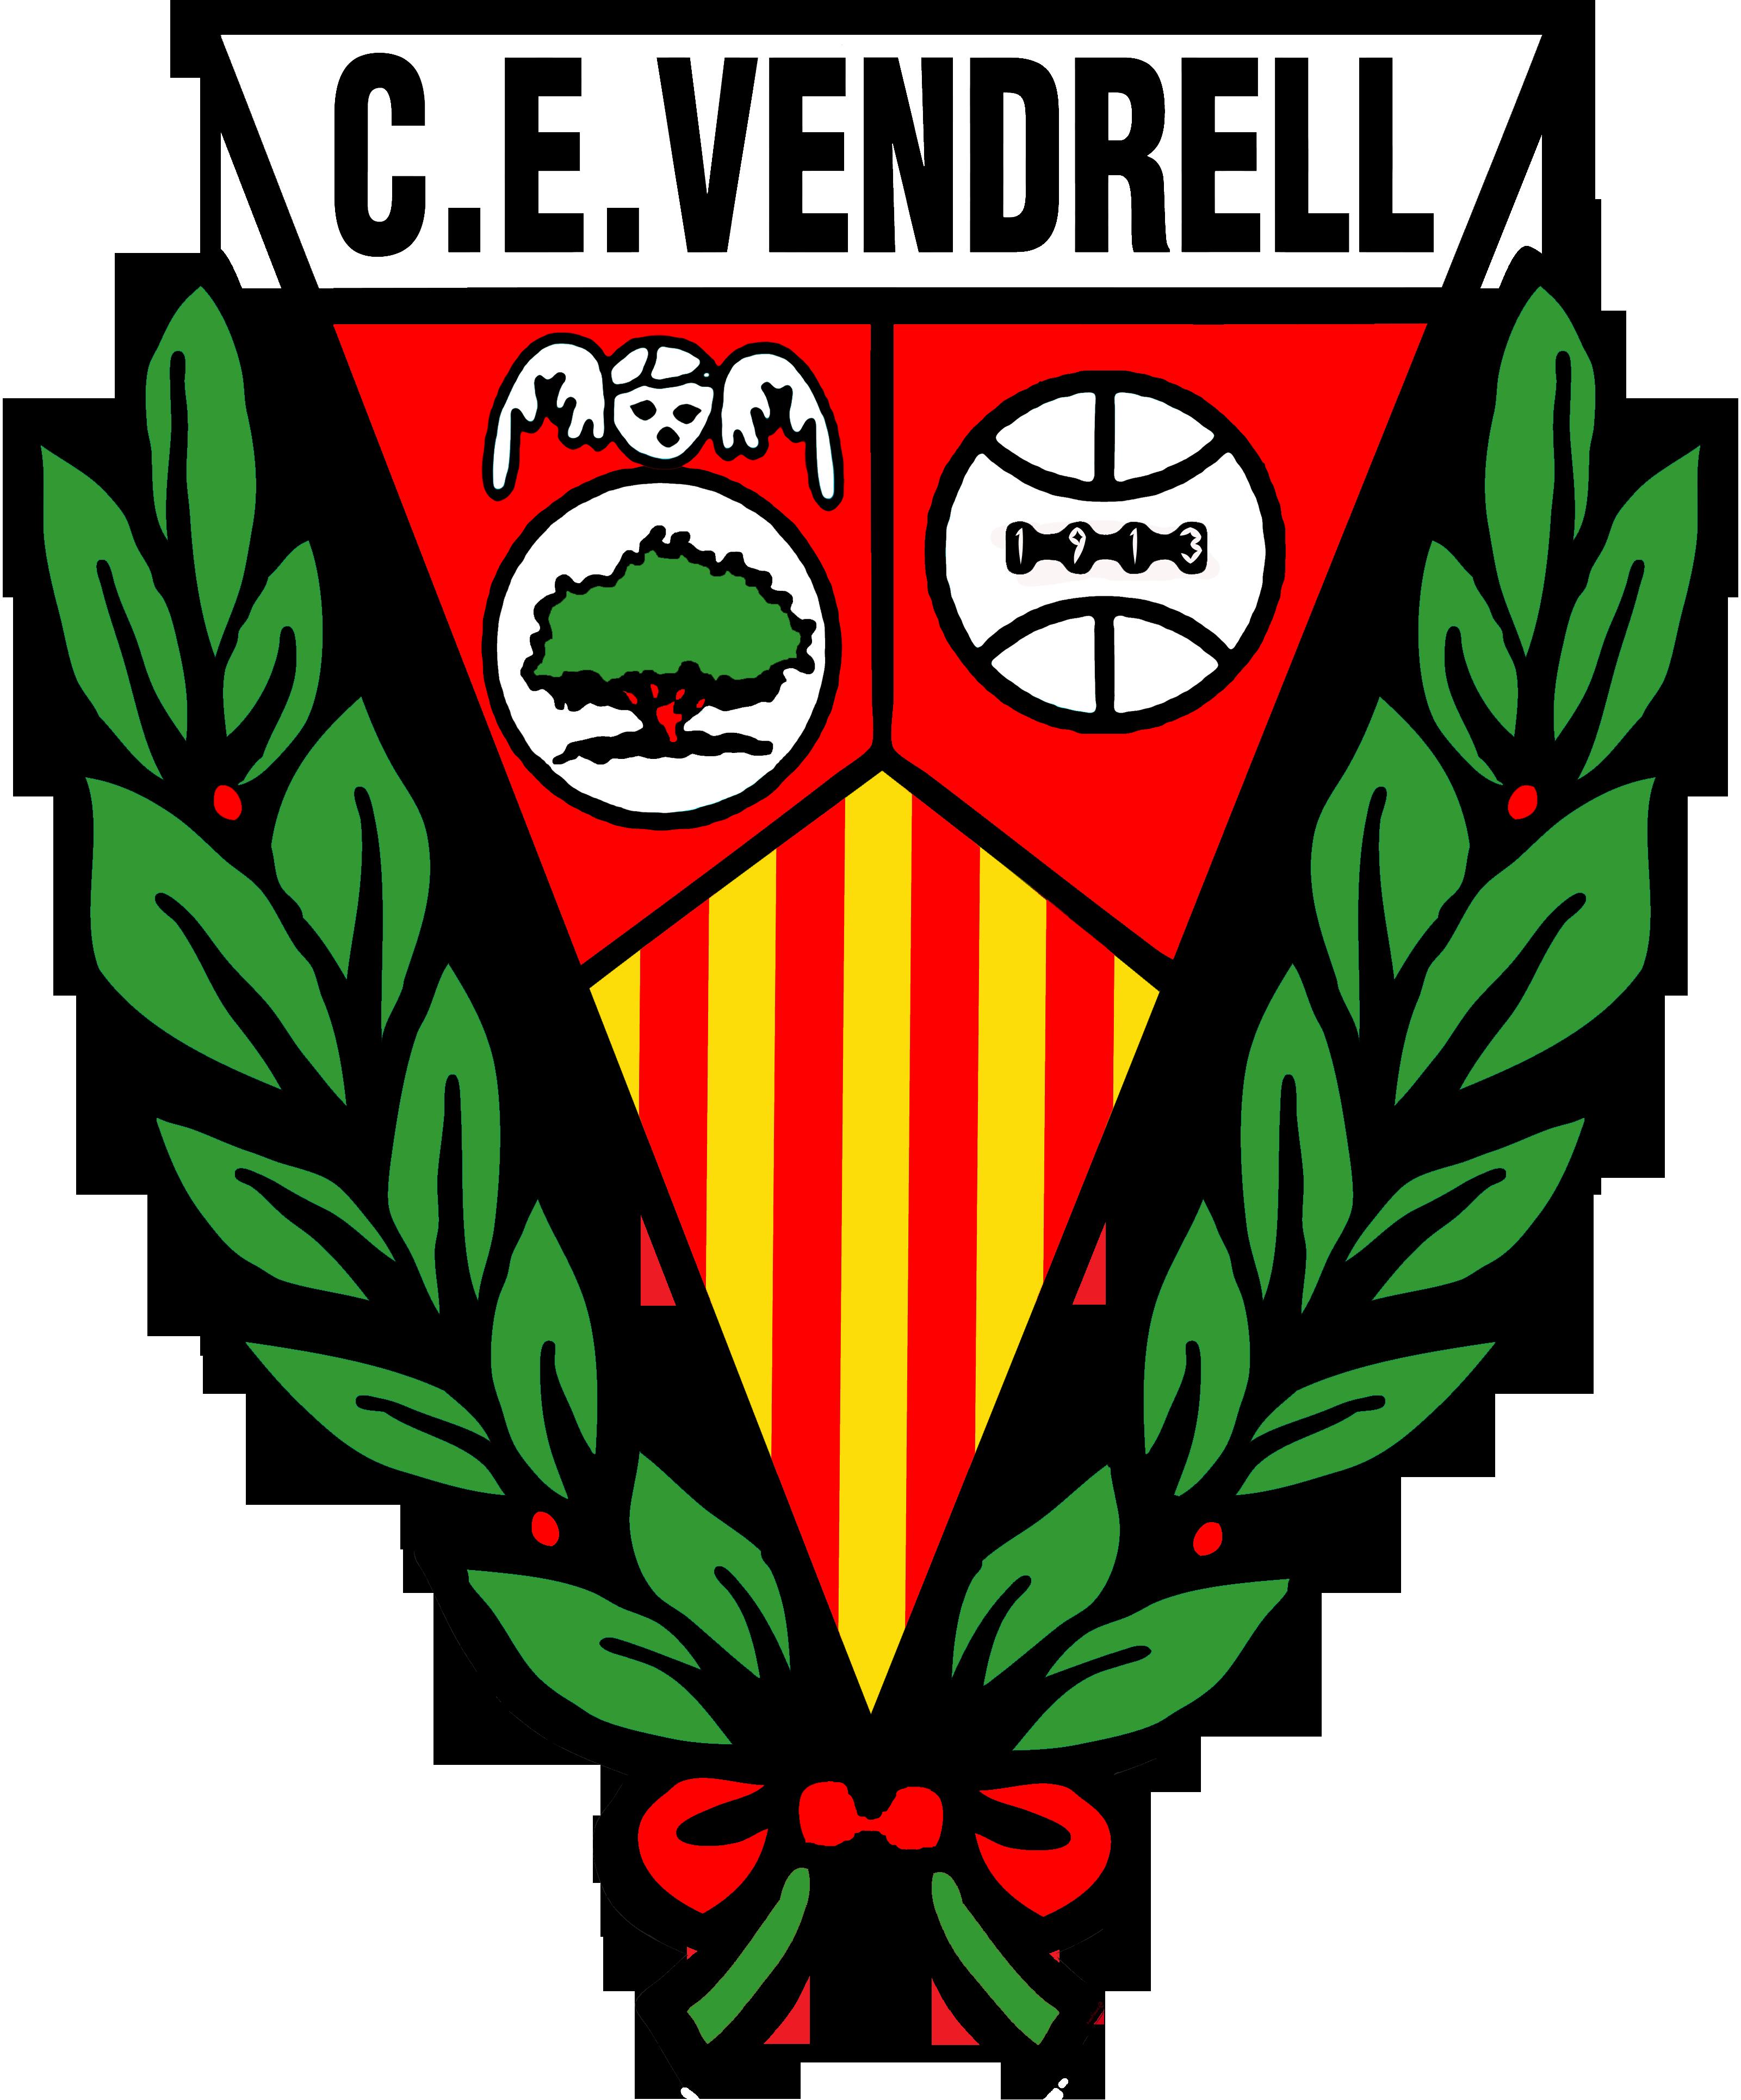 C.E. Vendrell PreBenj. B